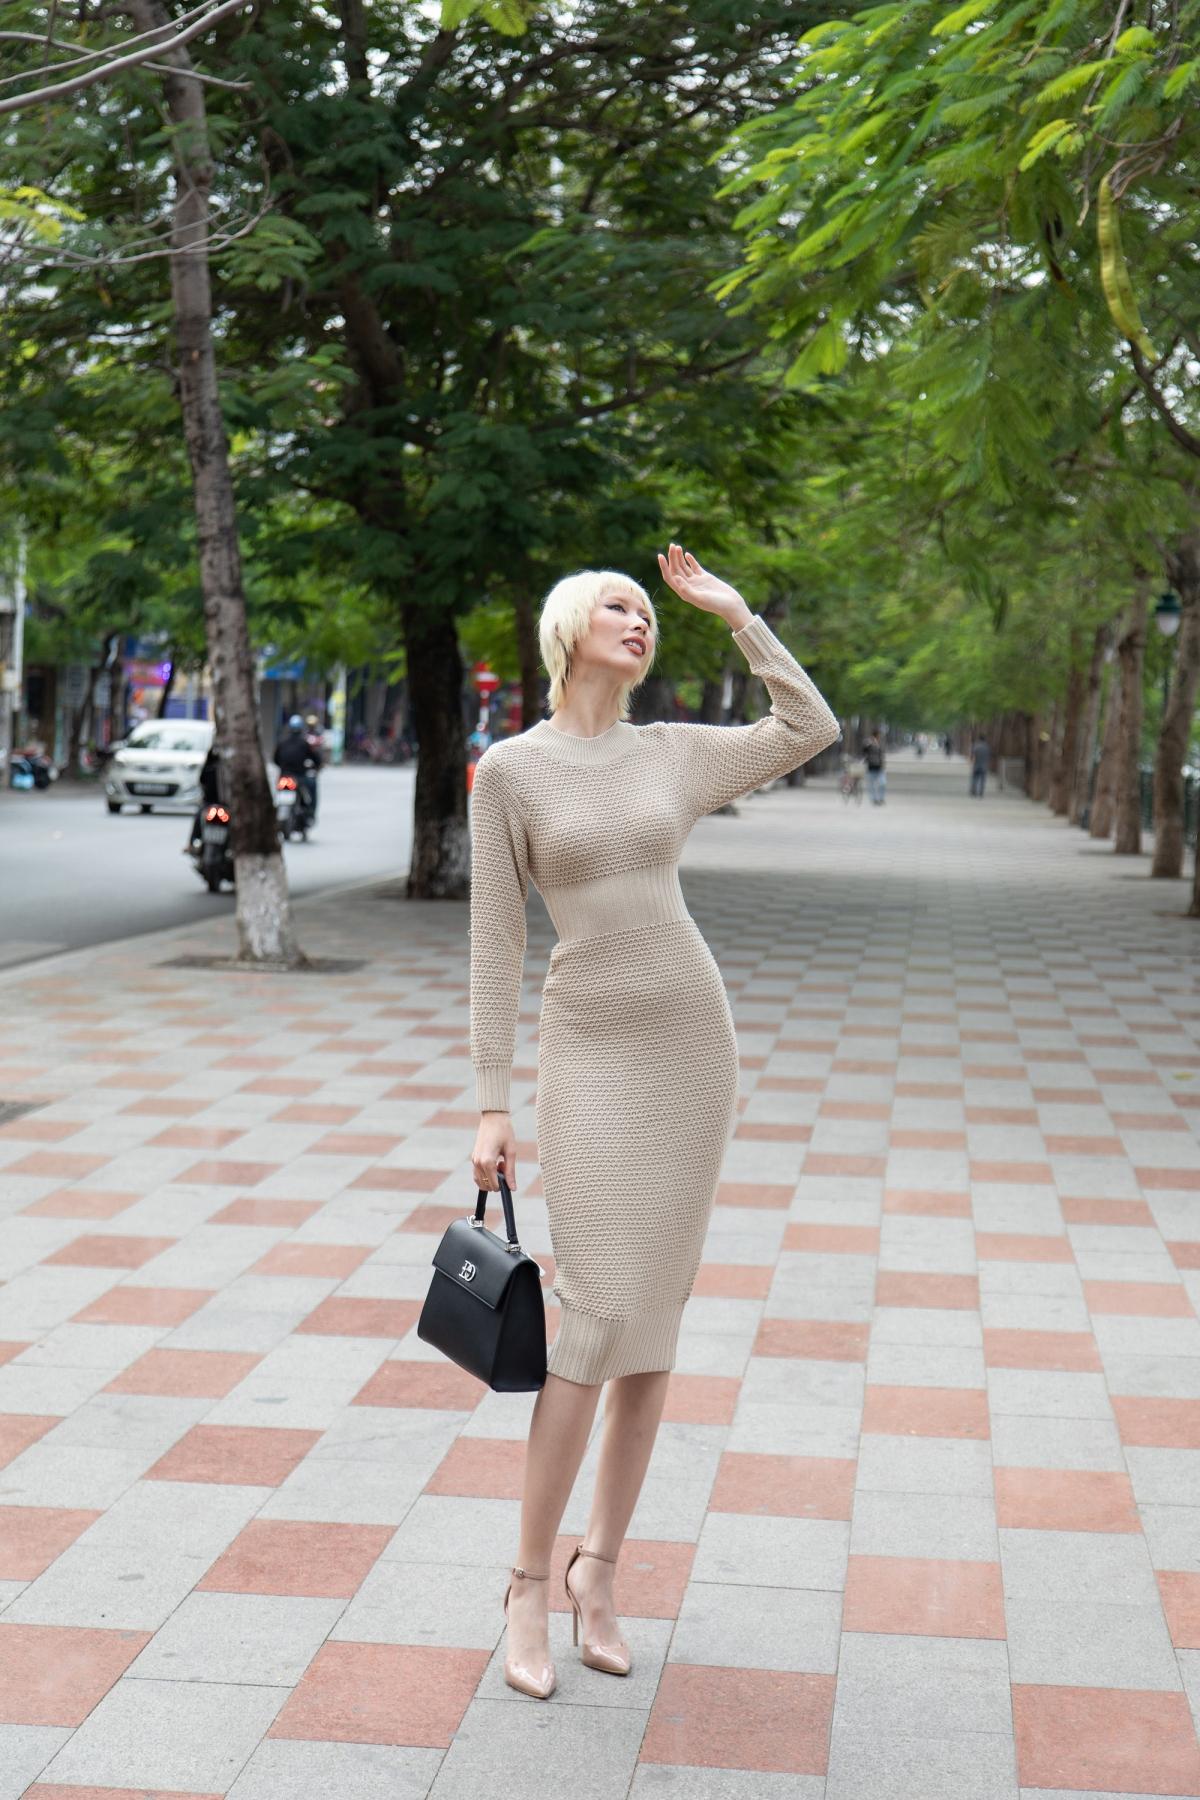 Người mẫu Hằng Nguyễn quyến rũ trong thiết kế màu be, phom ôm sát, phối cùng giày cao đồng màu, túi đen với phom cổ điển./.